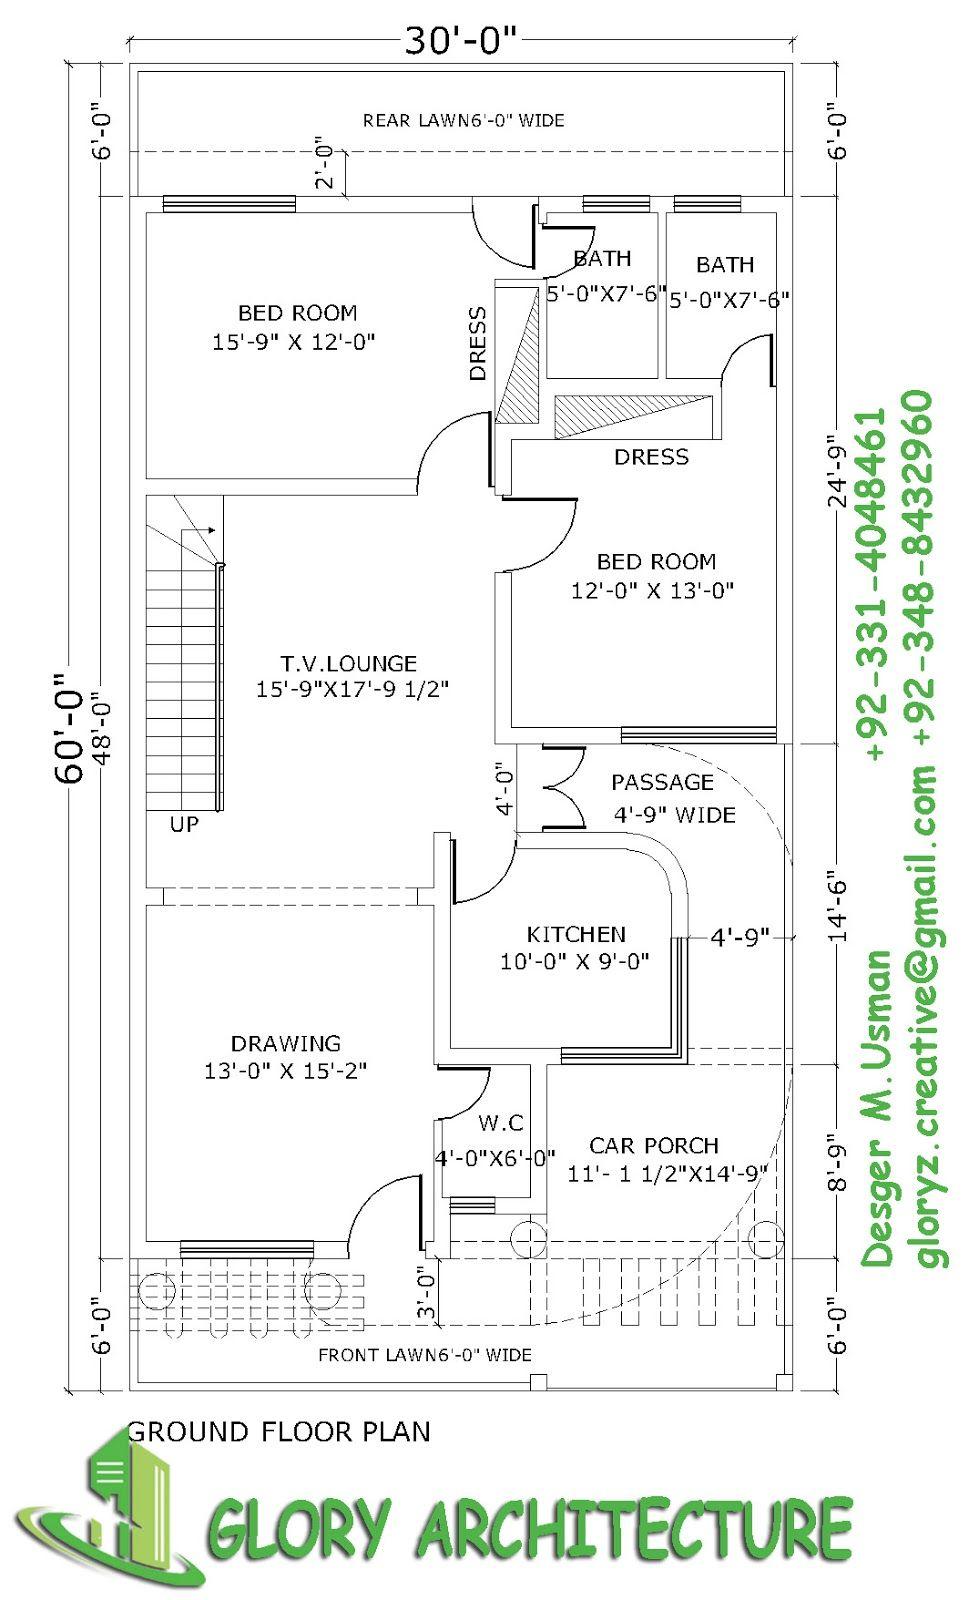 House design 30 x 45 - E Jpg 969 1600